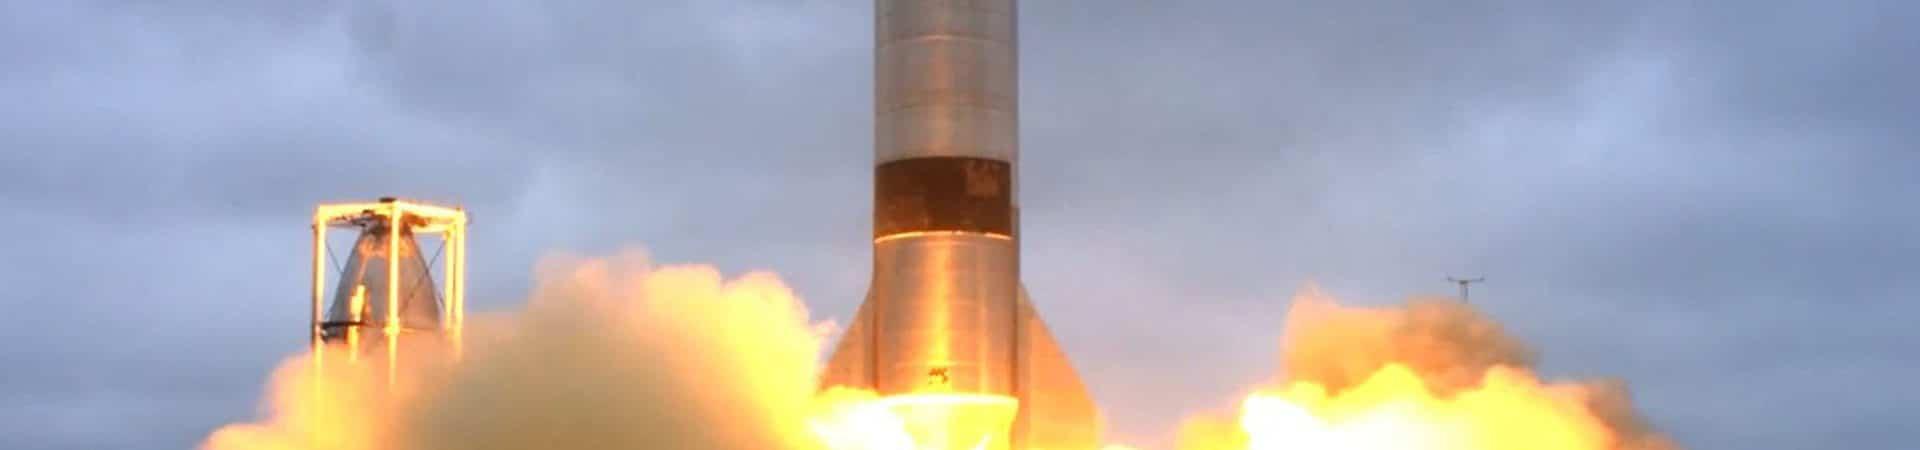 Imagem mostra um fogeute com a nave Starship, da SpaceX, decolando